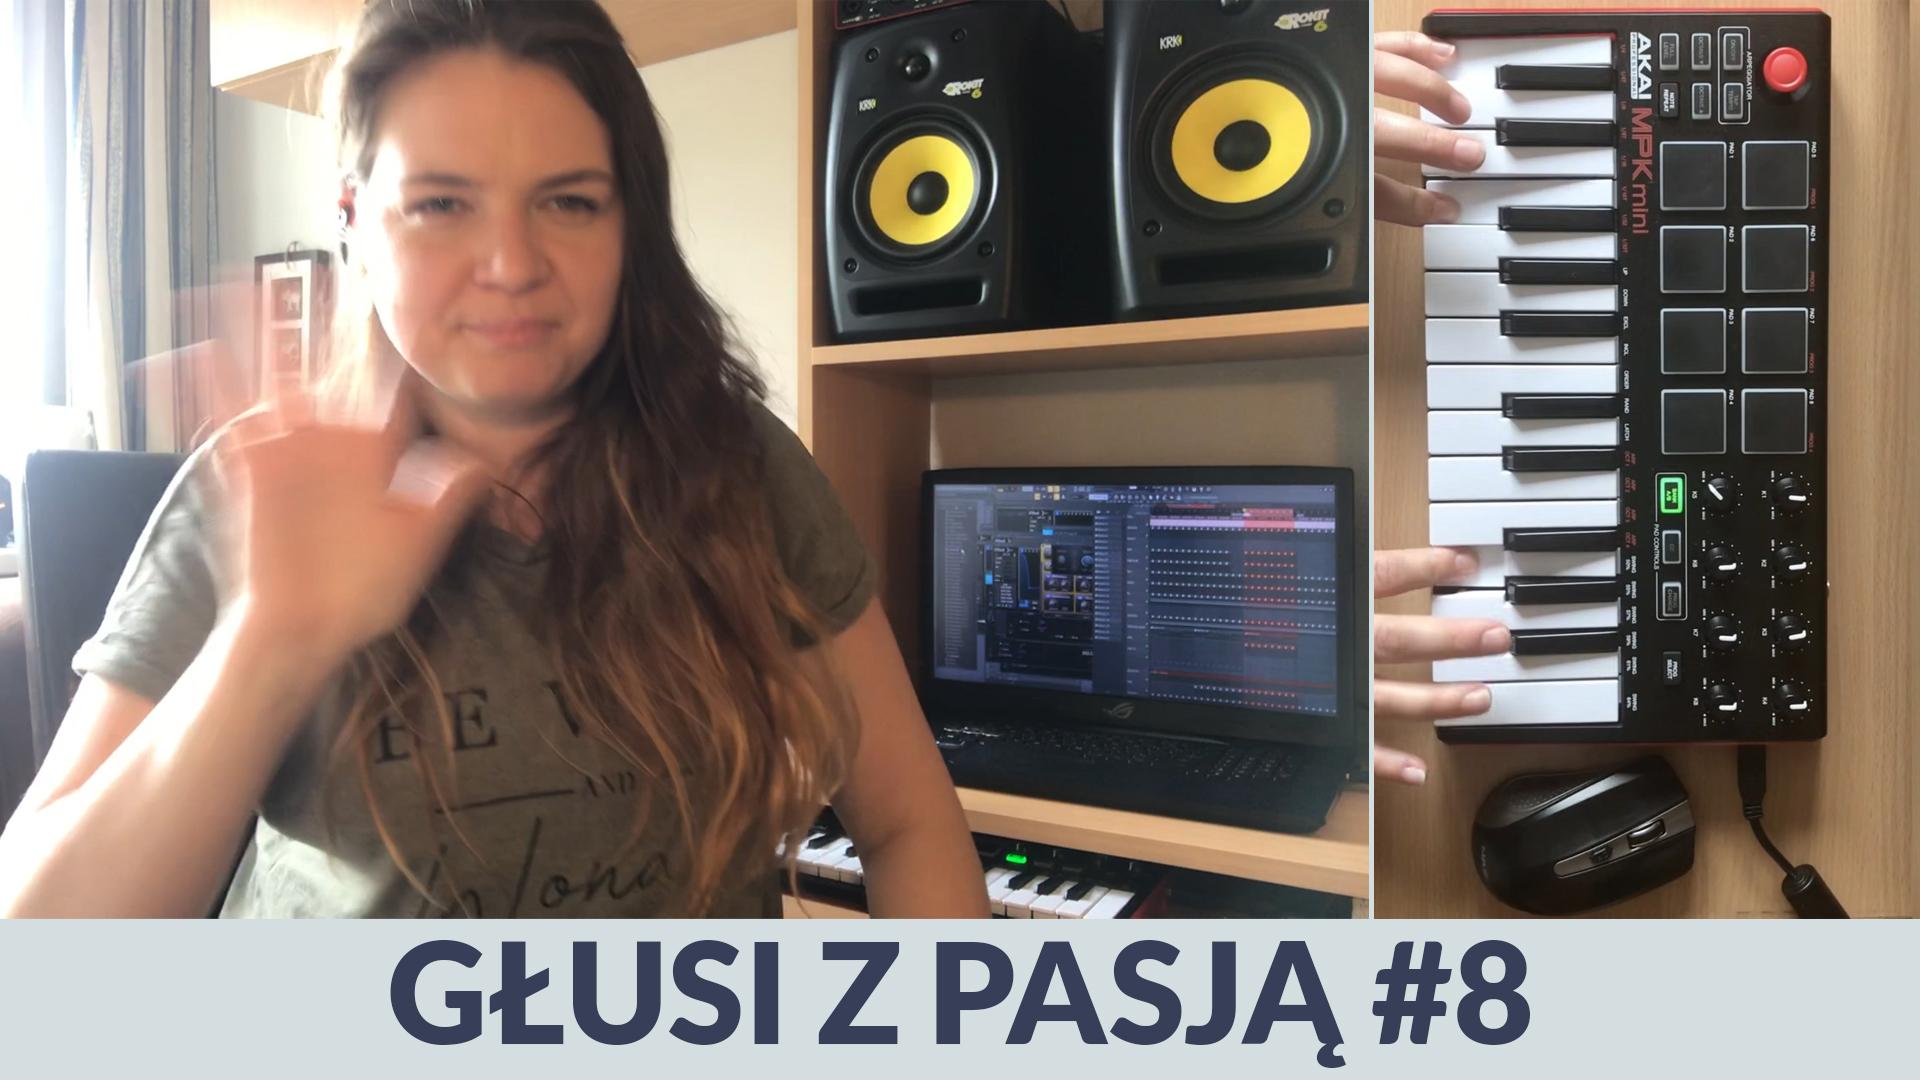 Głusi z pasją #8 — Justyna Frelichowska